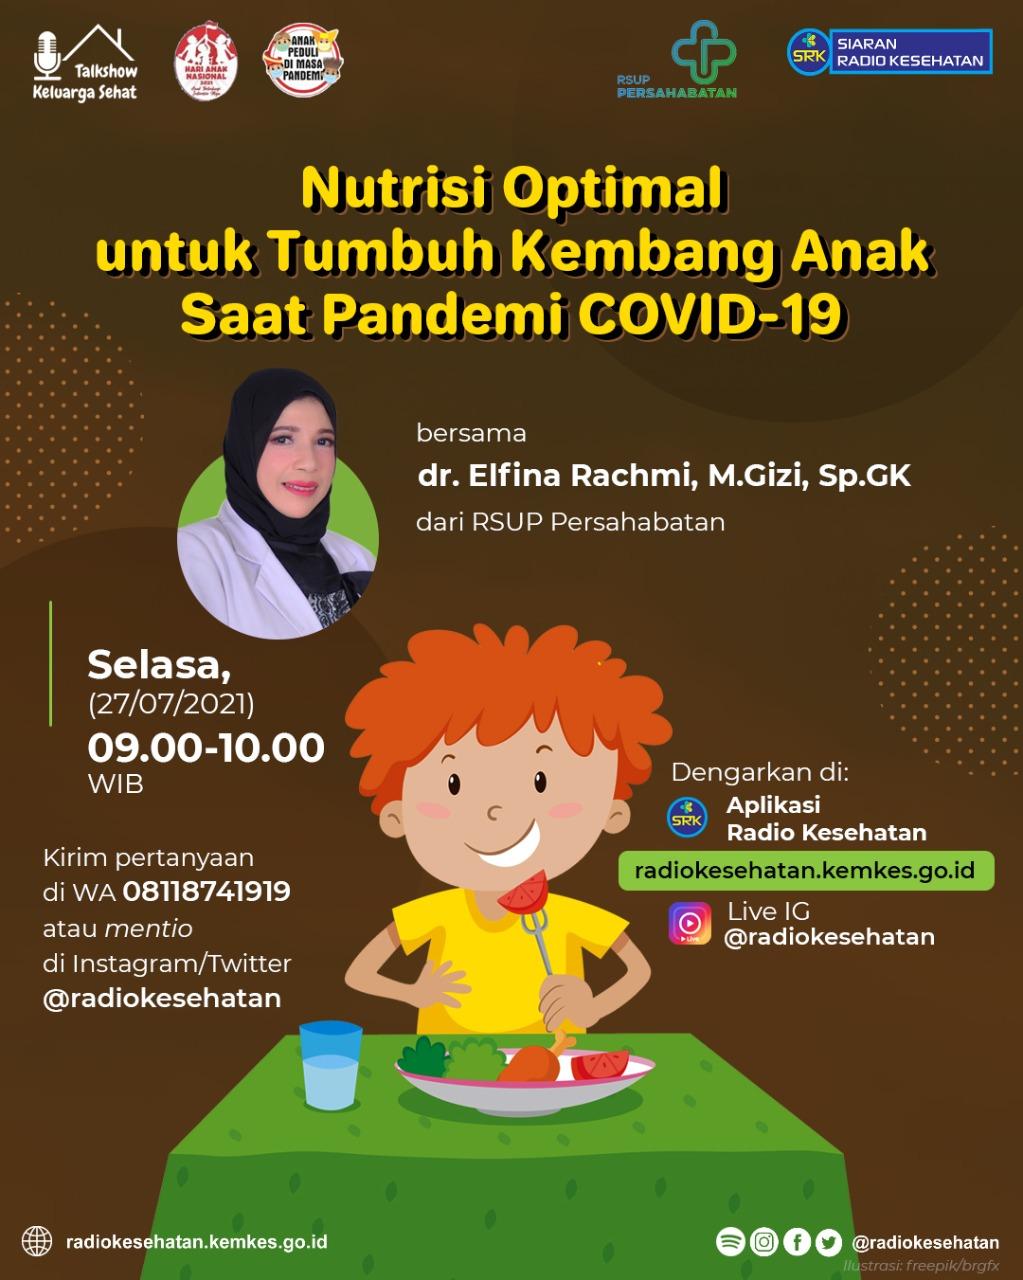 Nutrisi Optimal Untuk Tumbuh Kembang Anak Saat Pandemi Covid-19